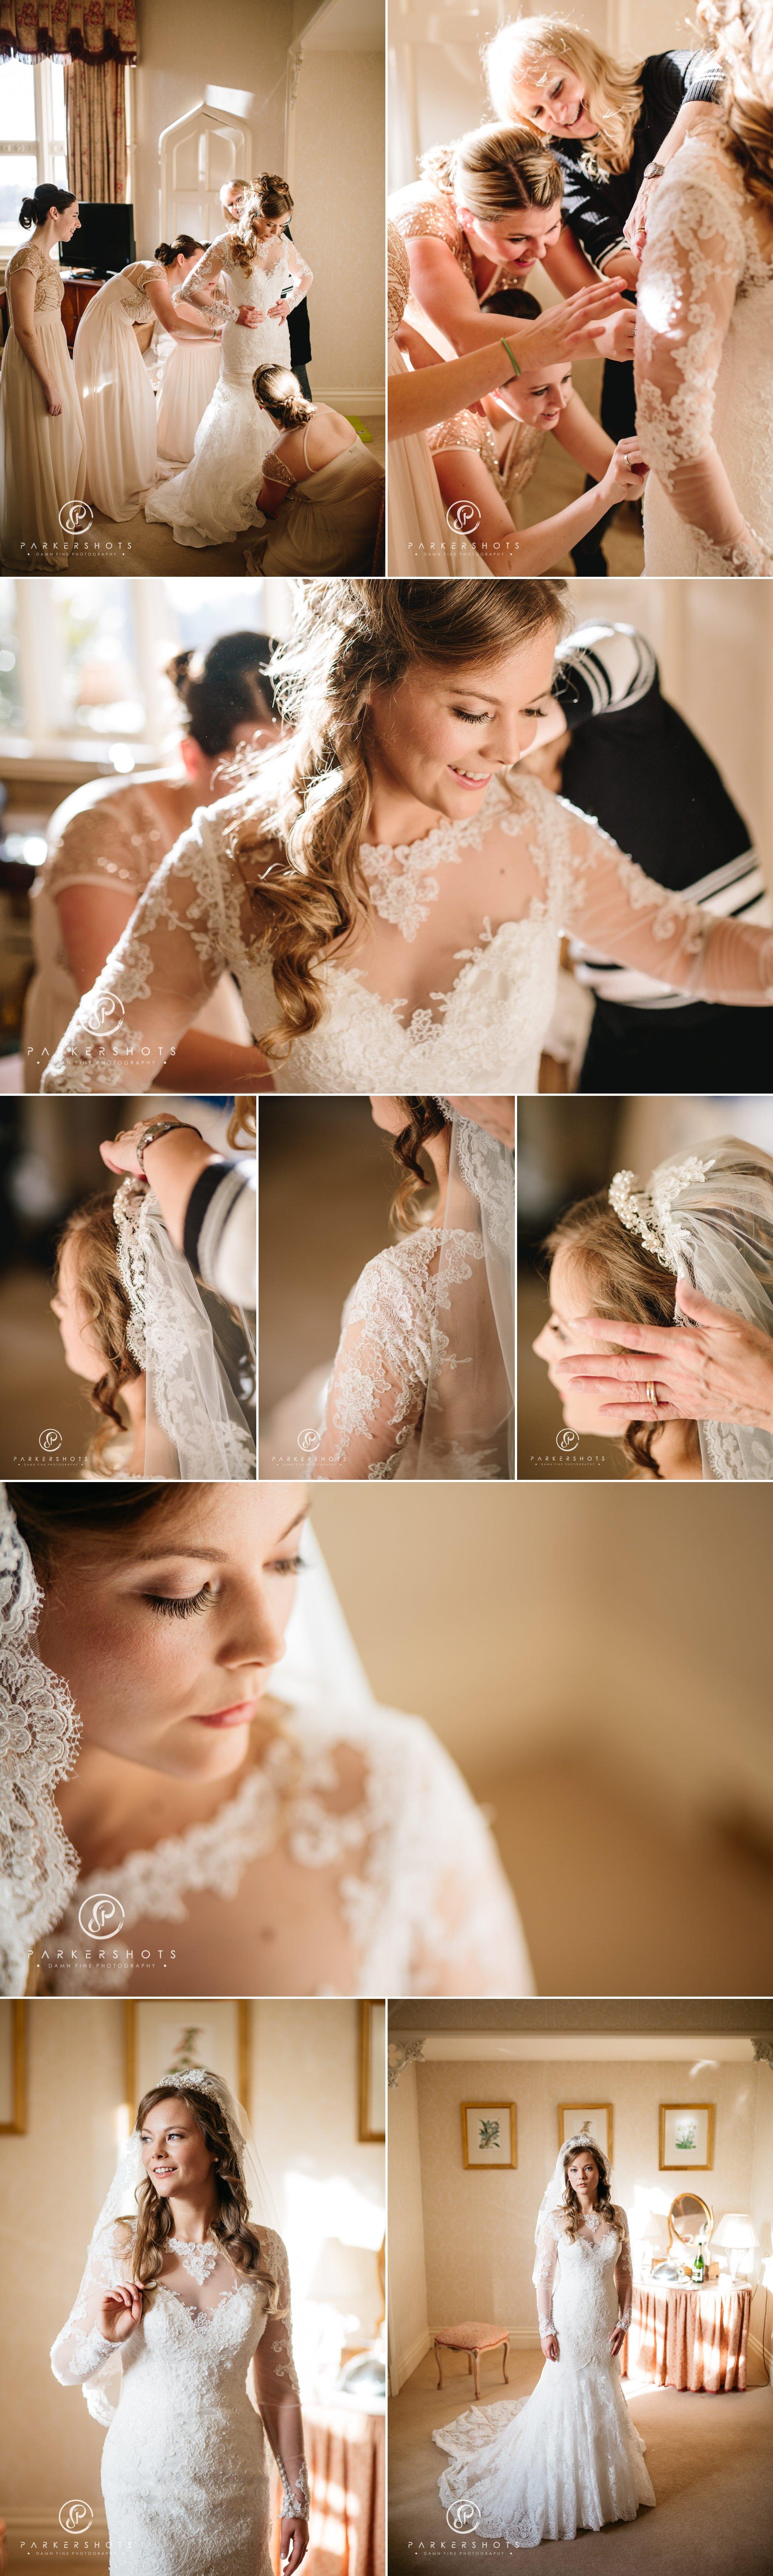 Horsted Place Wedding Photographers